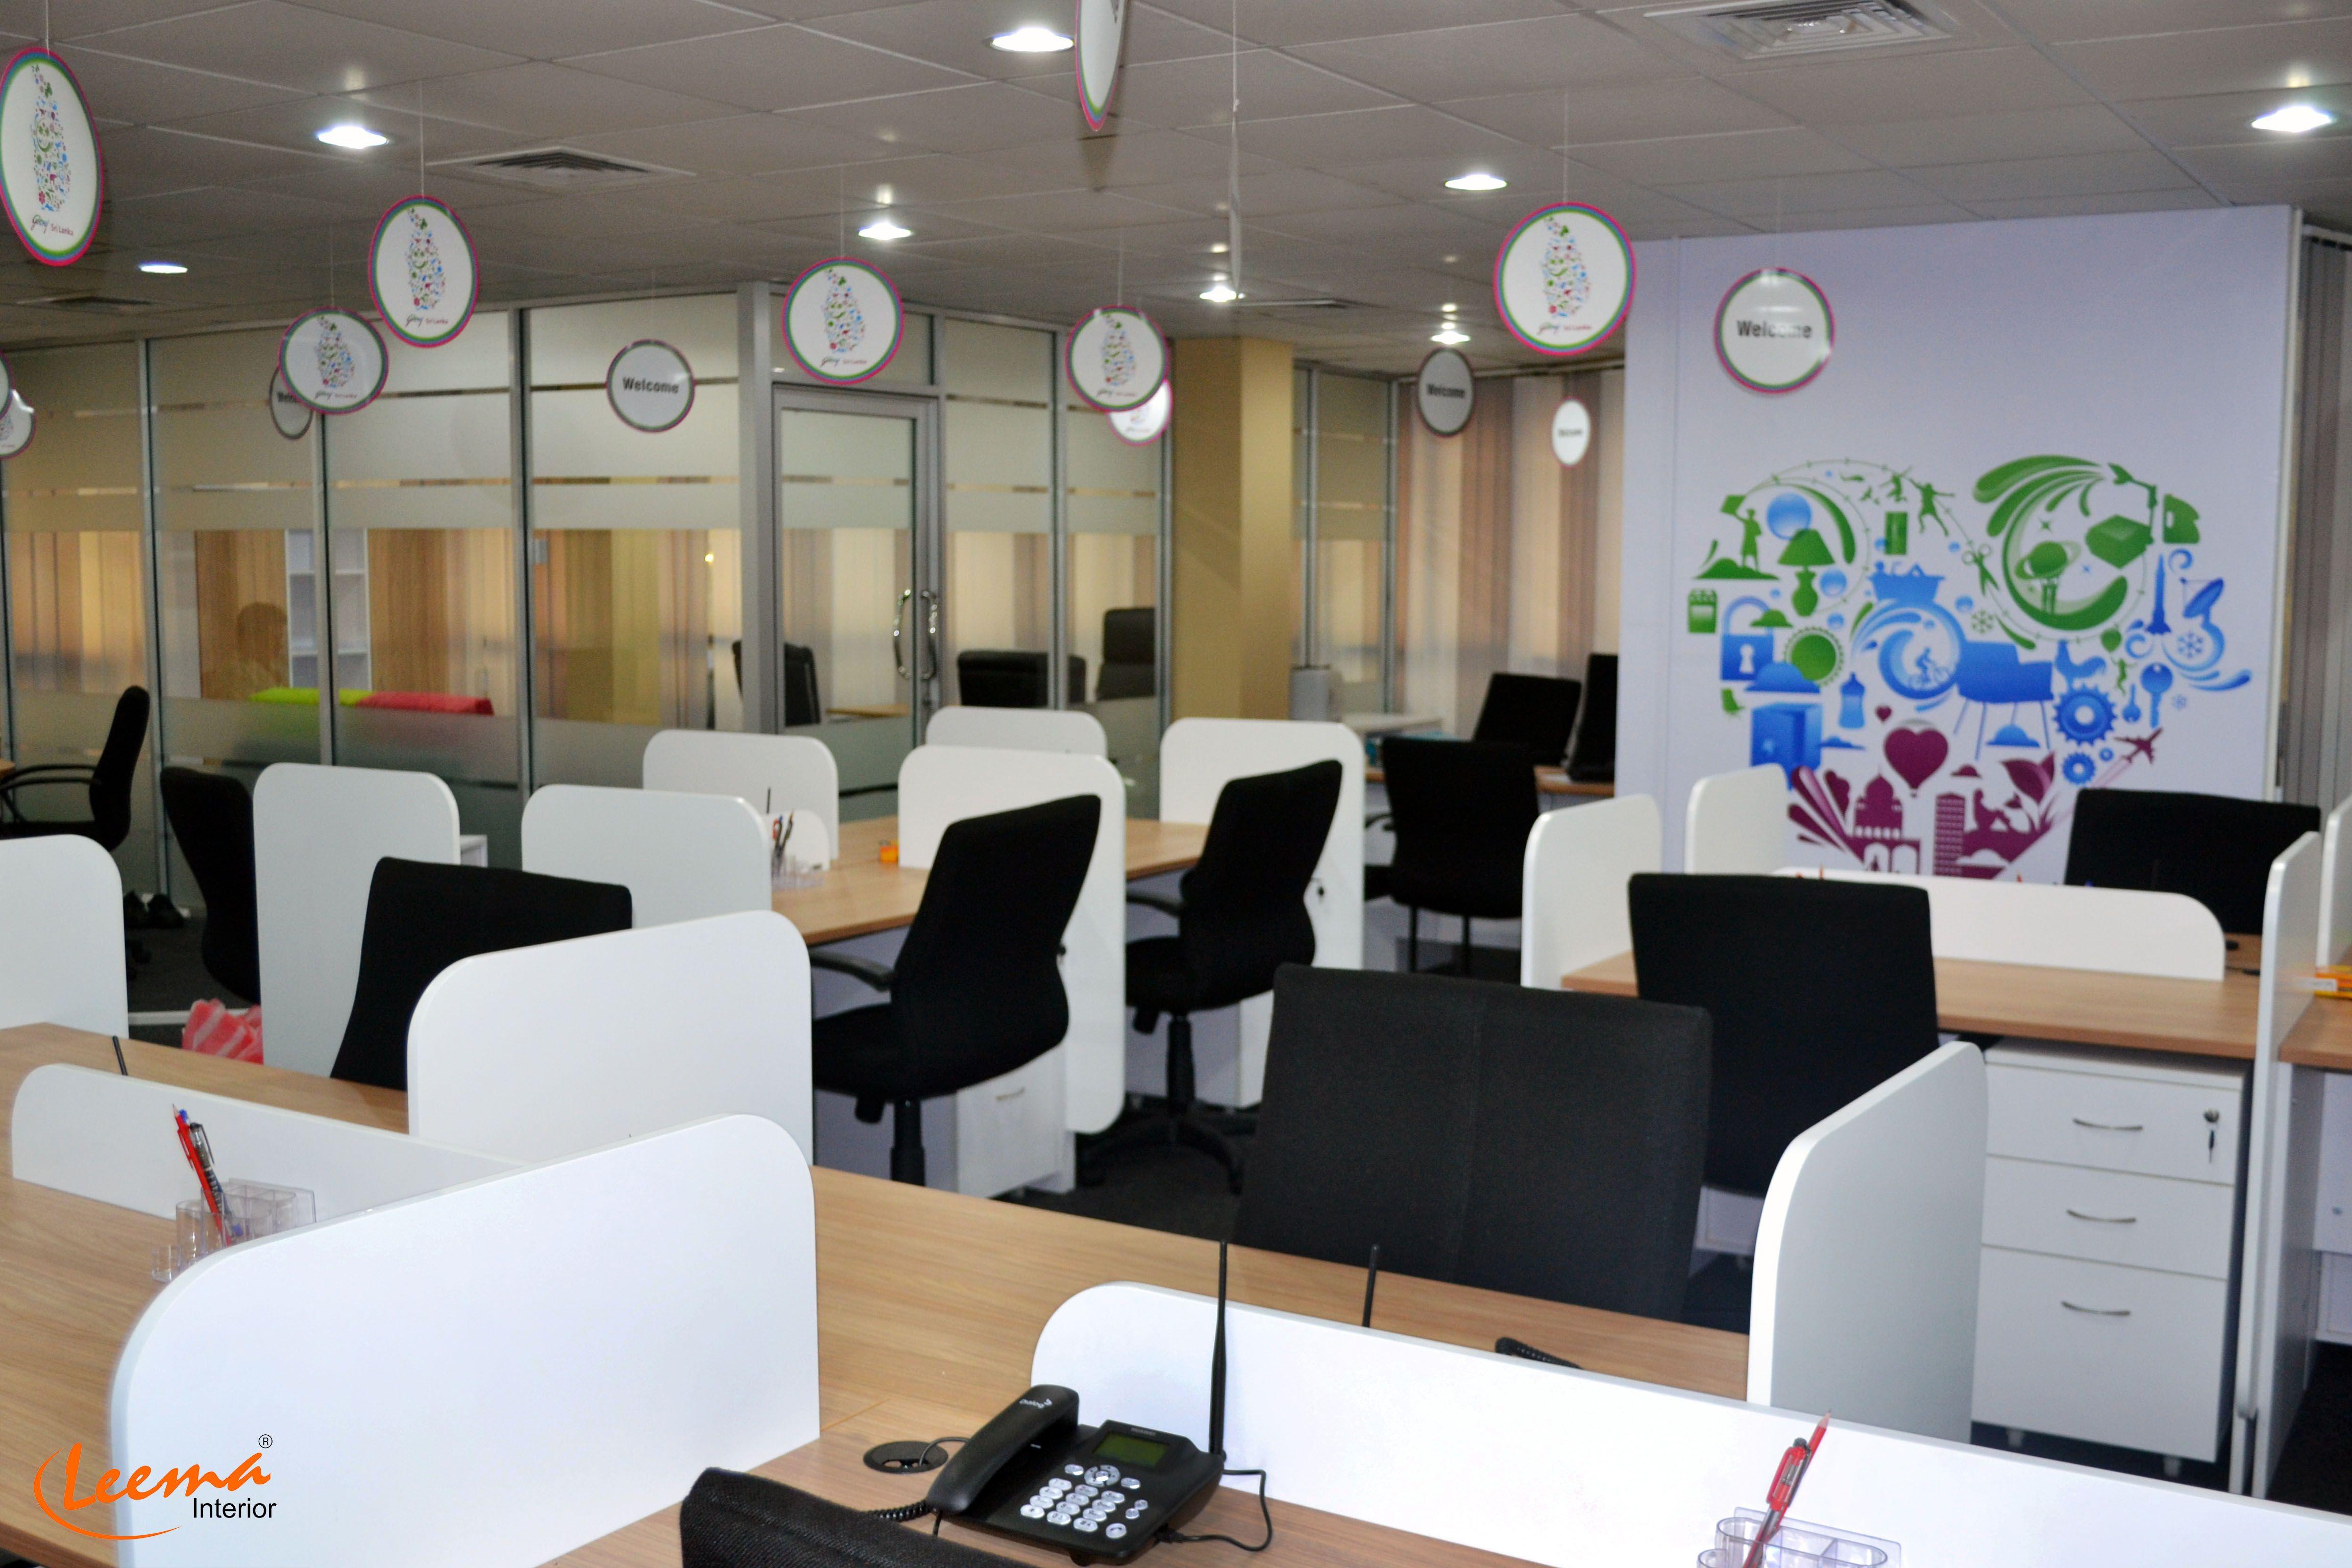 Office, Sri Lanka, Godrej, Interior Design, Interior Decoration